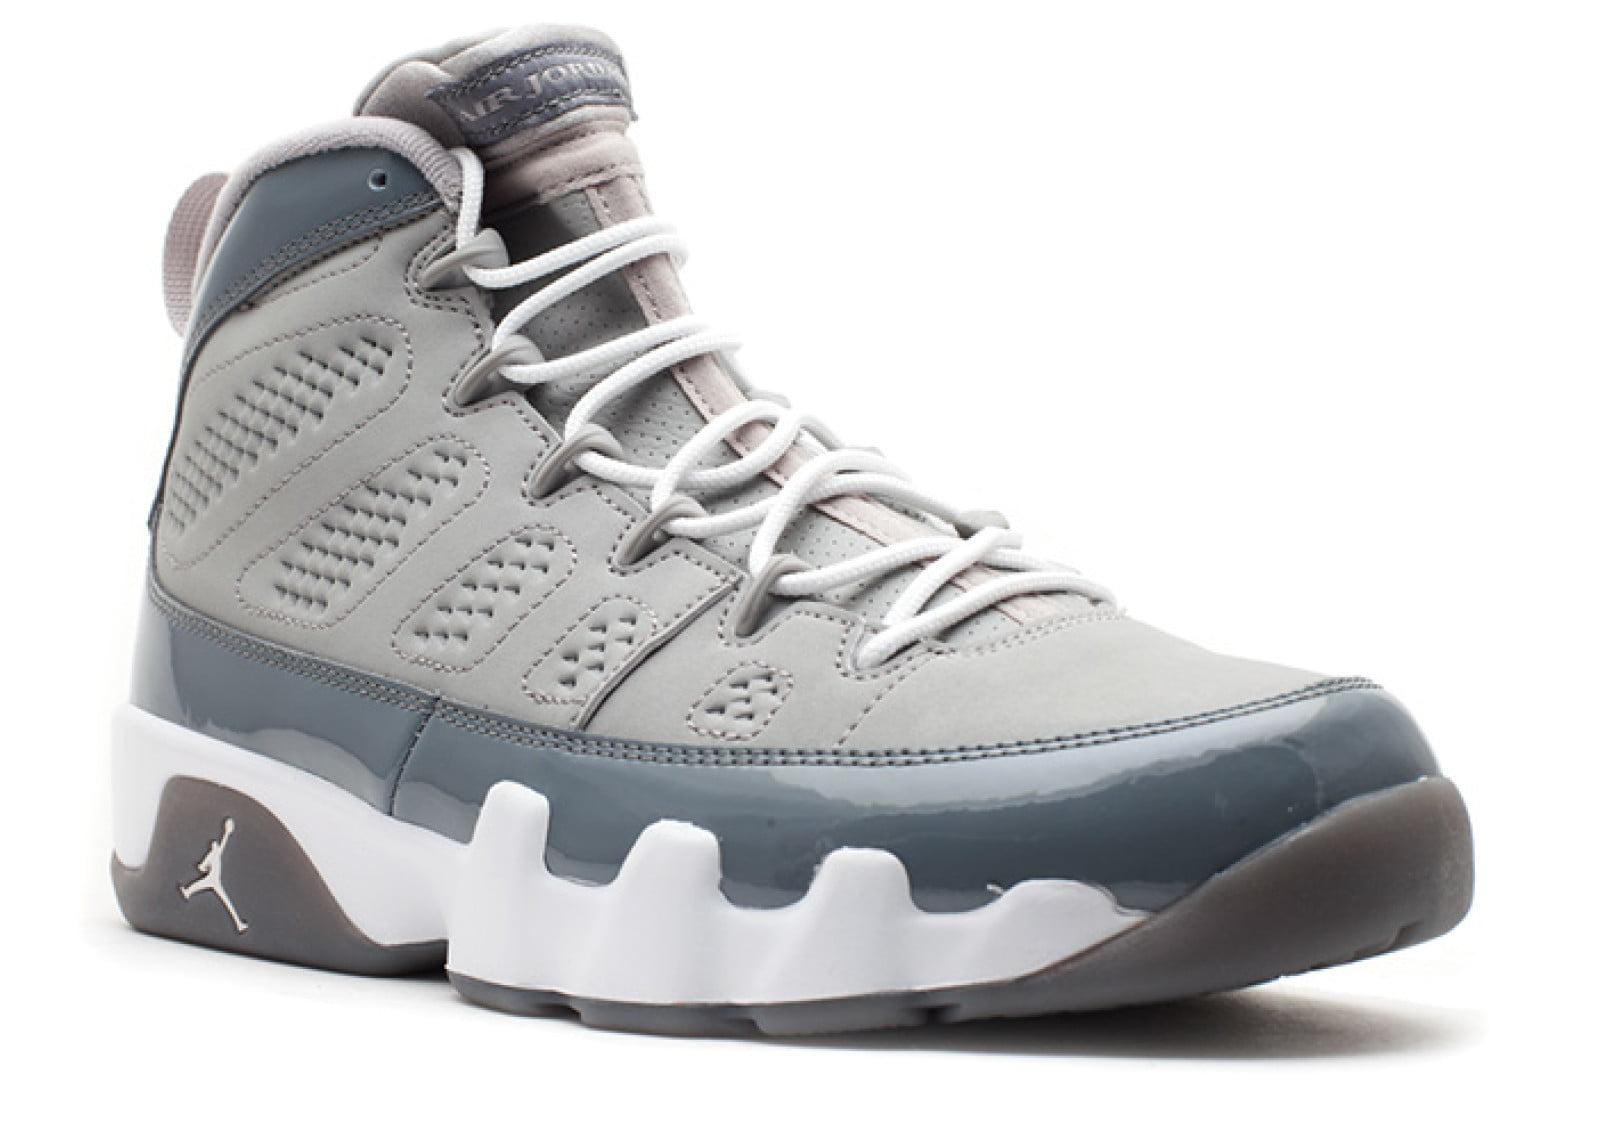 fd4da5ec3a3e3d Air Jordan - Men - Air Jordan 9 Retro  Cool Grey 2012 Release  - 302370-015  - Size 10